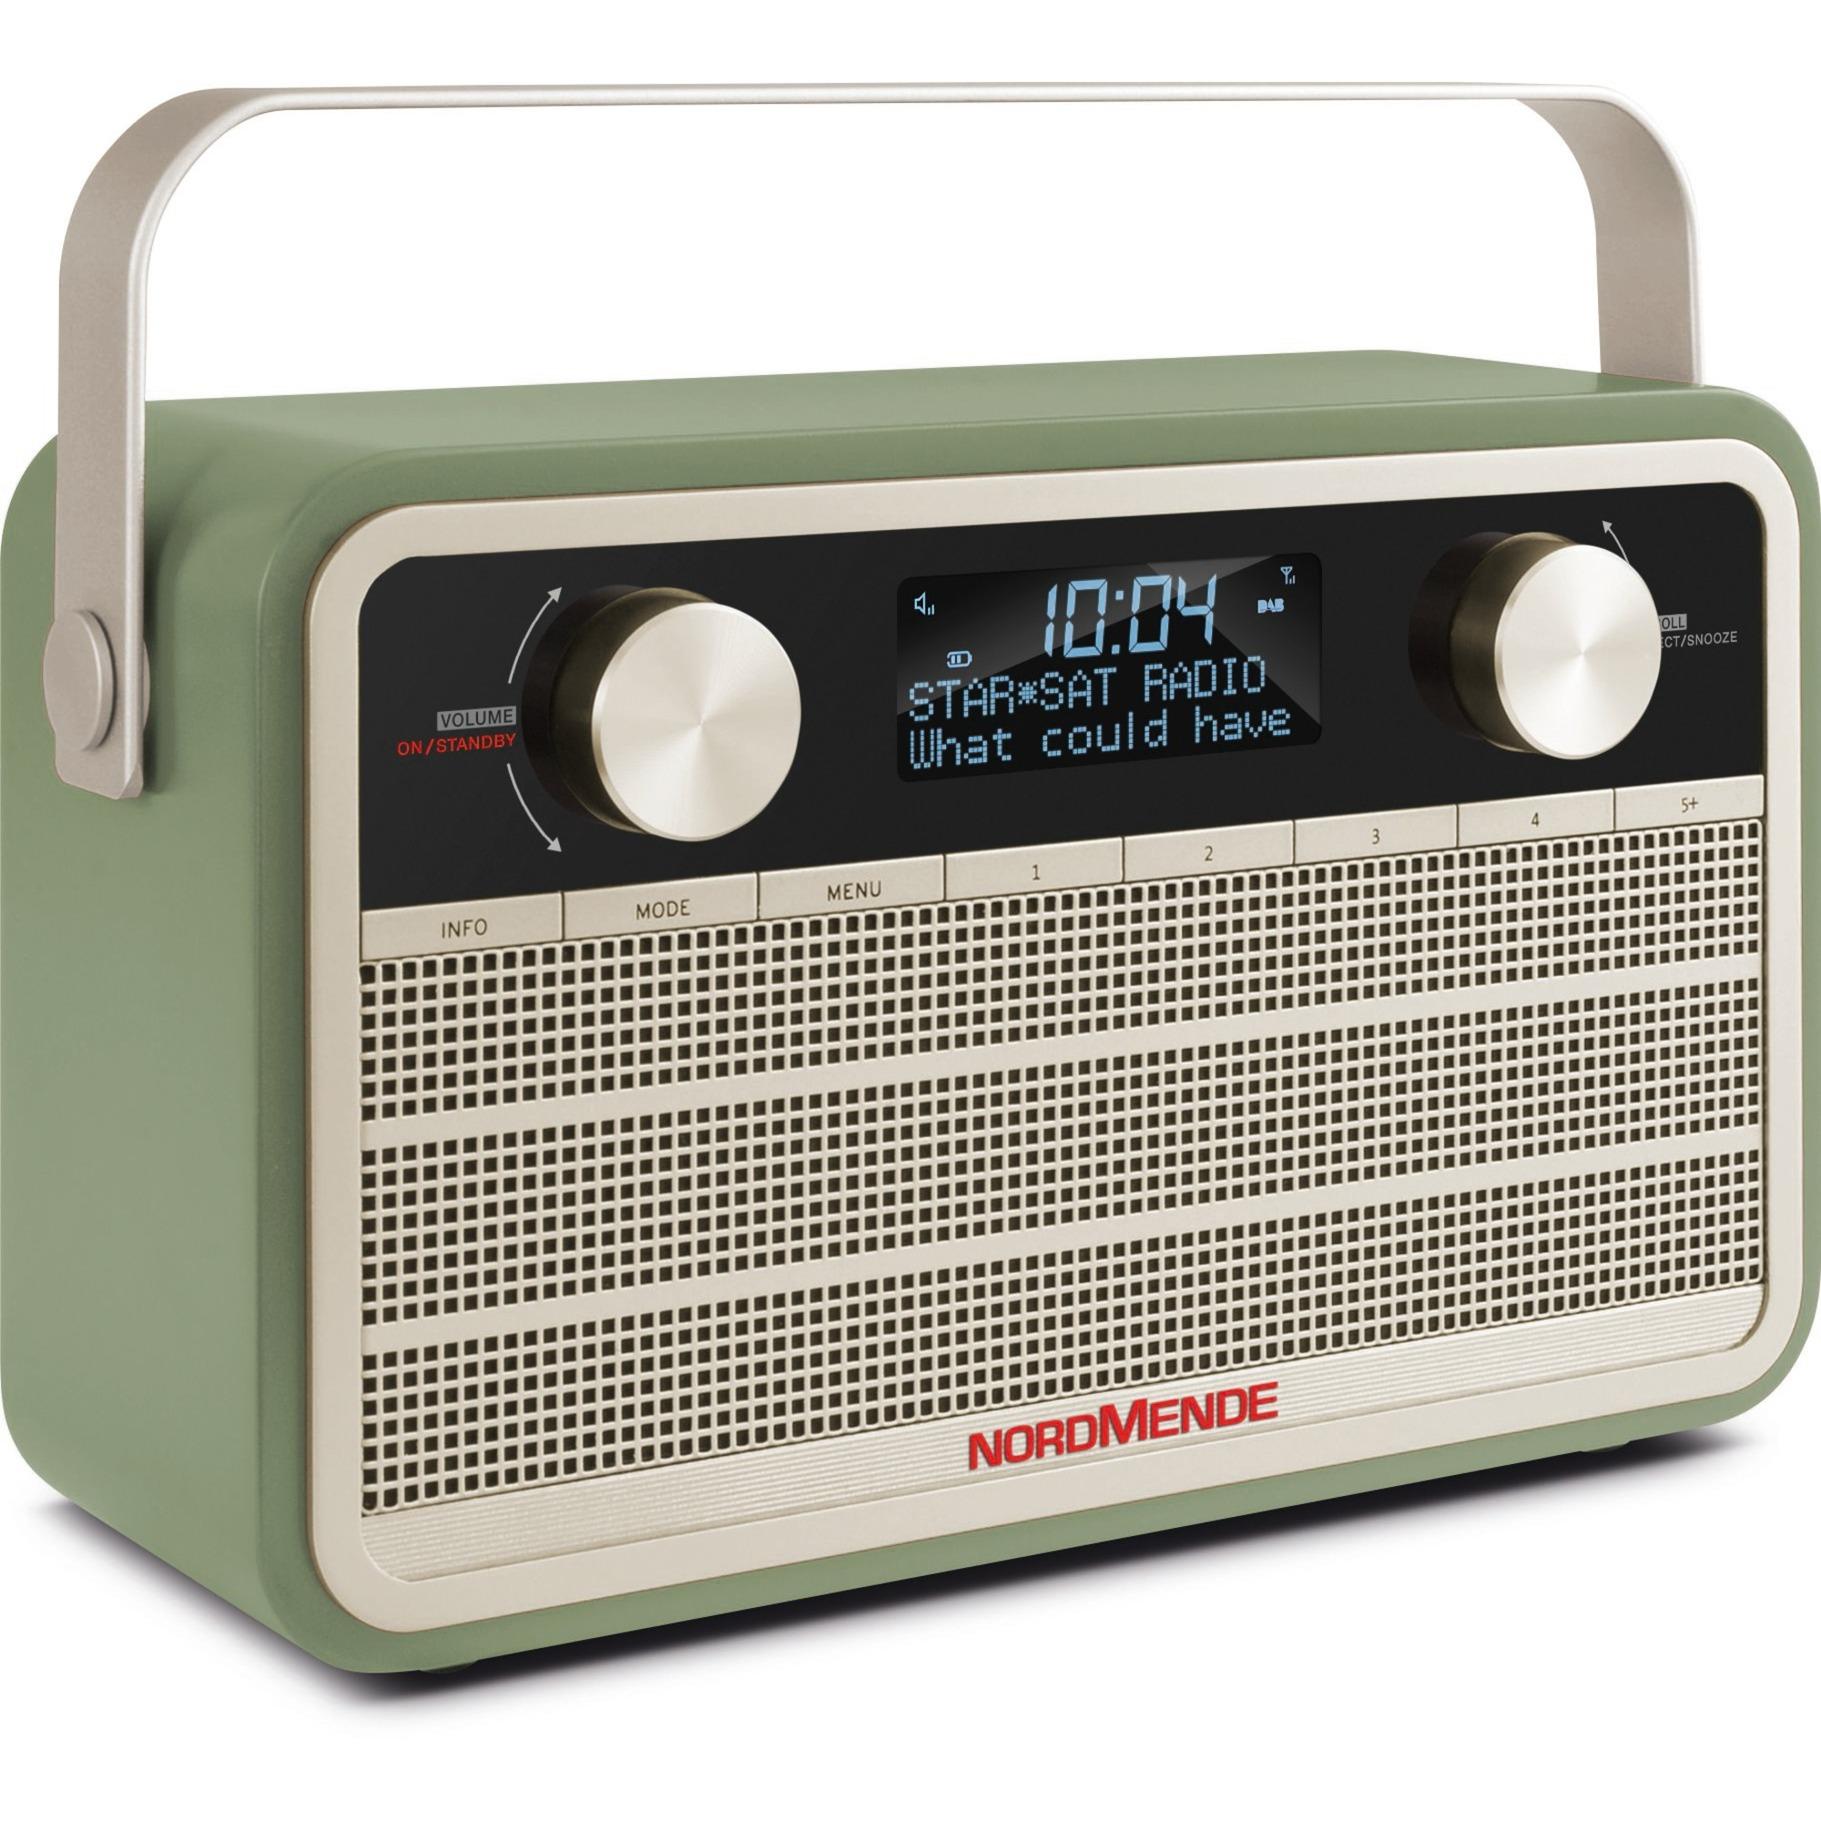 78-3001-02, Radio